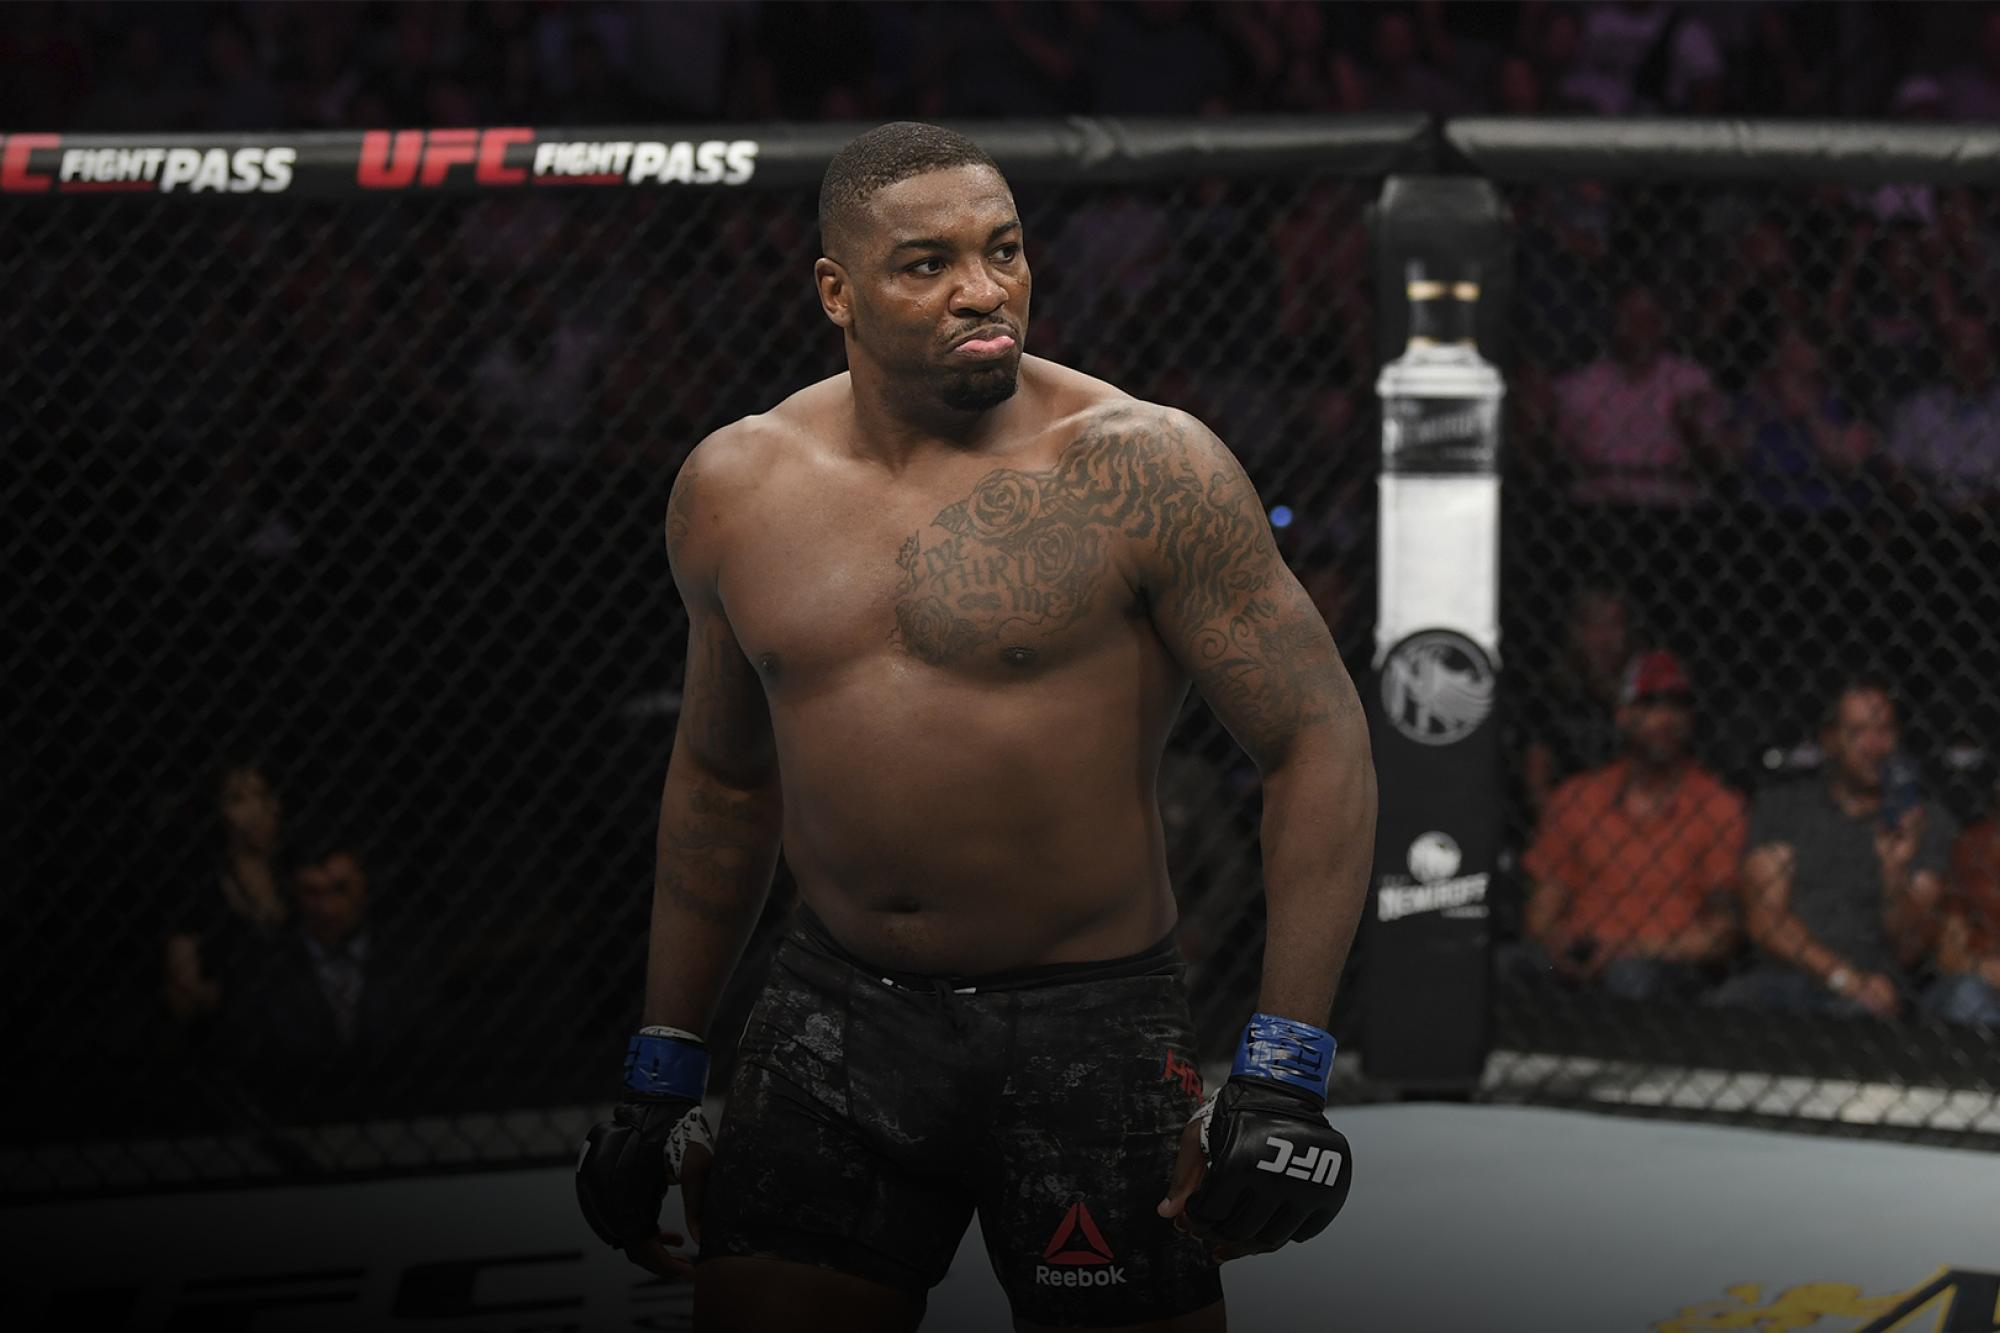 UFC Fight Night en Betsafe : ¿Quién paga más? > Conoce todos los detalles de los peleadores, cómo llegan, cuanto pagan y que dice el experto de MMA en Betsafe.